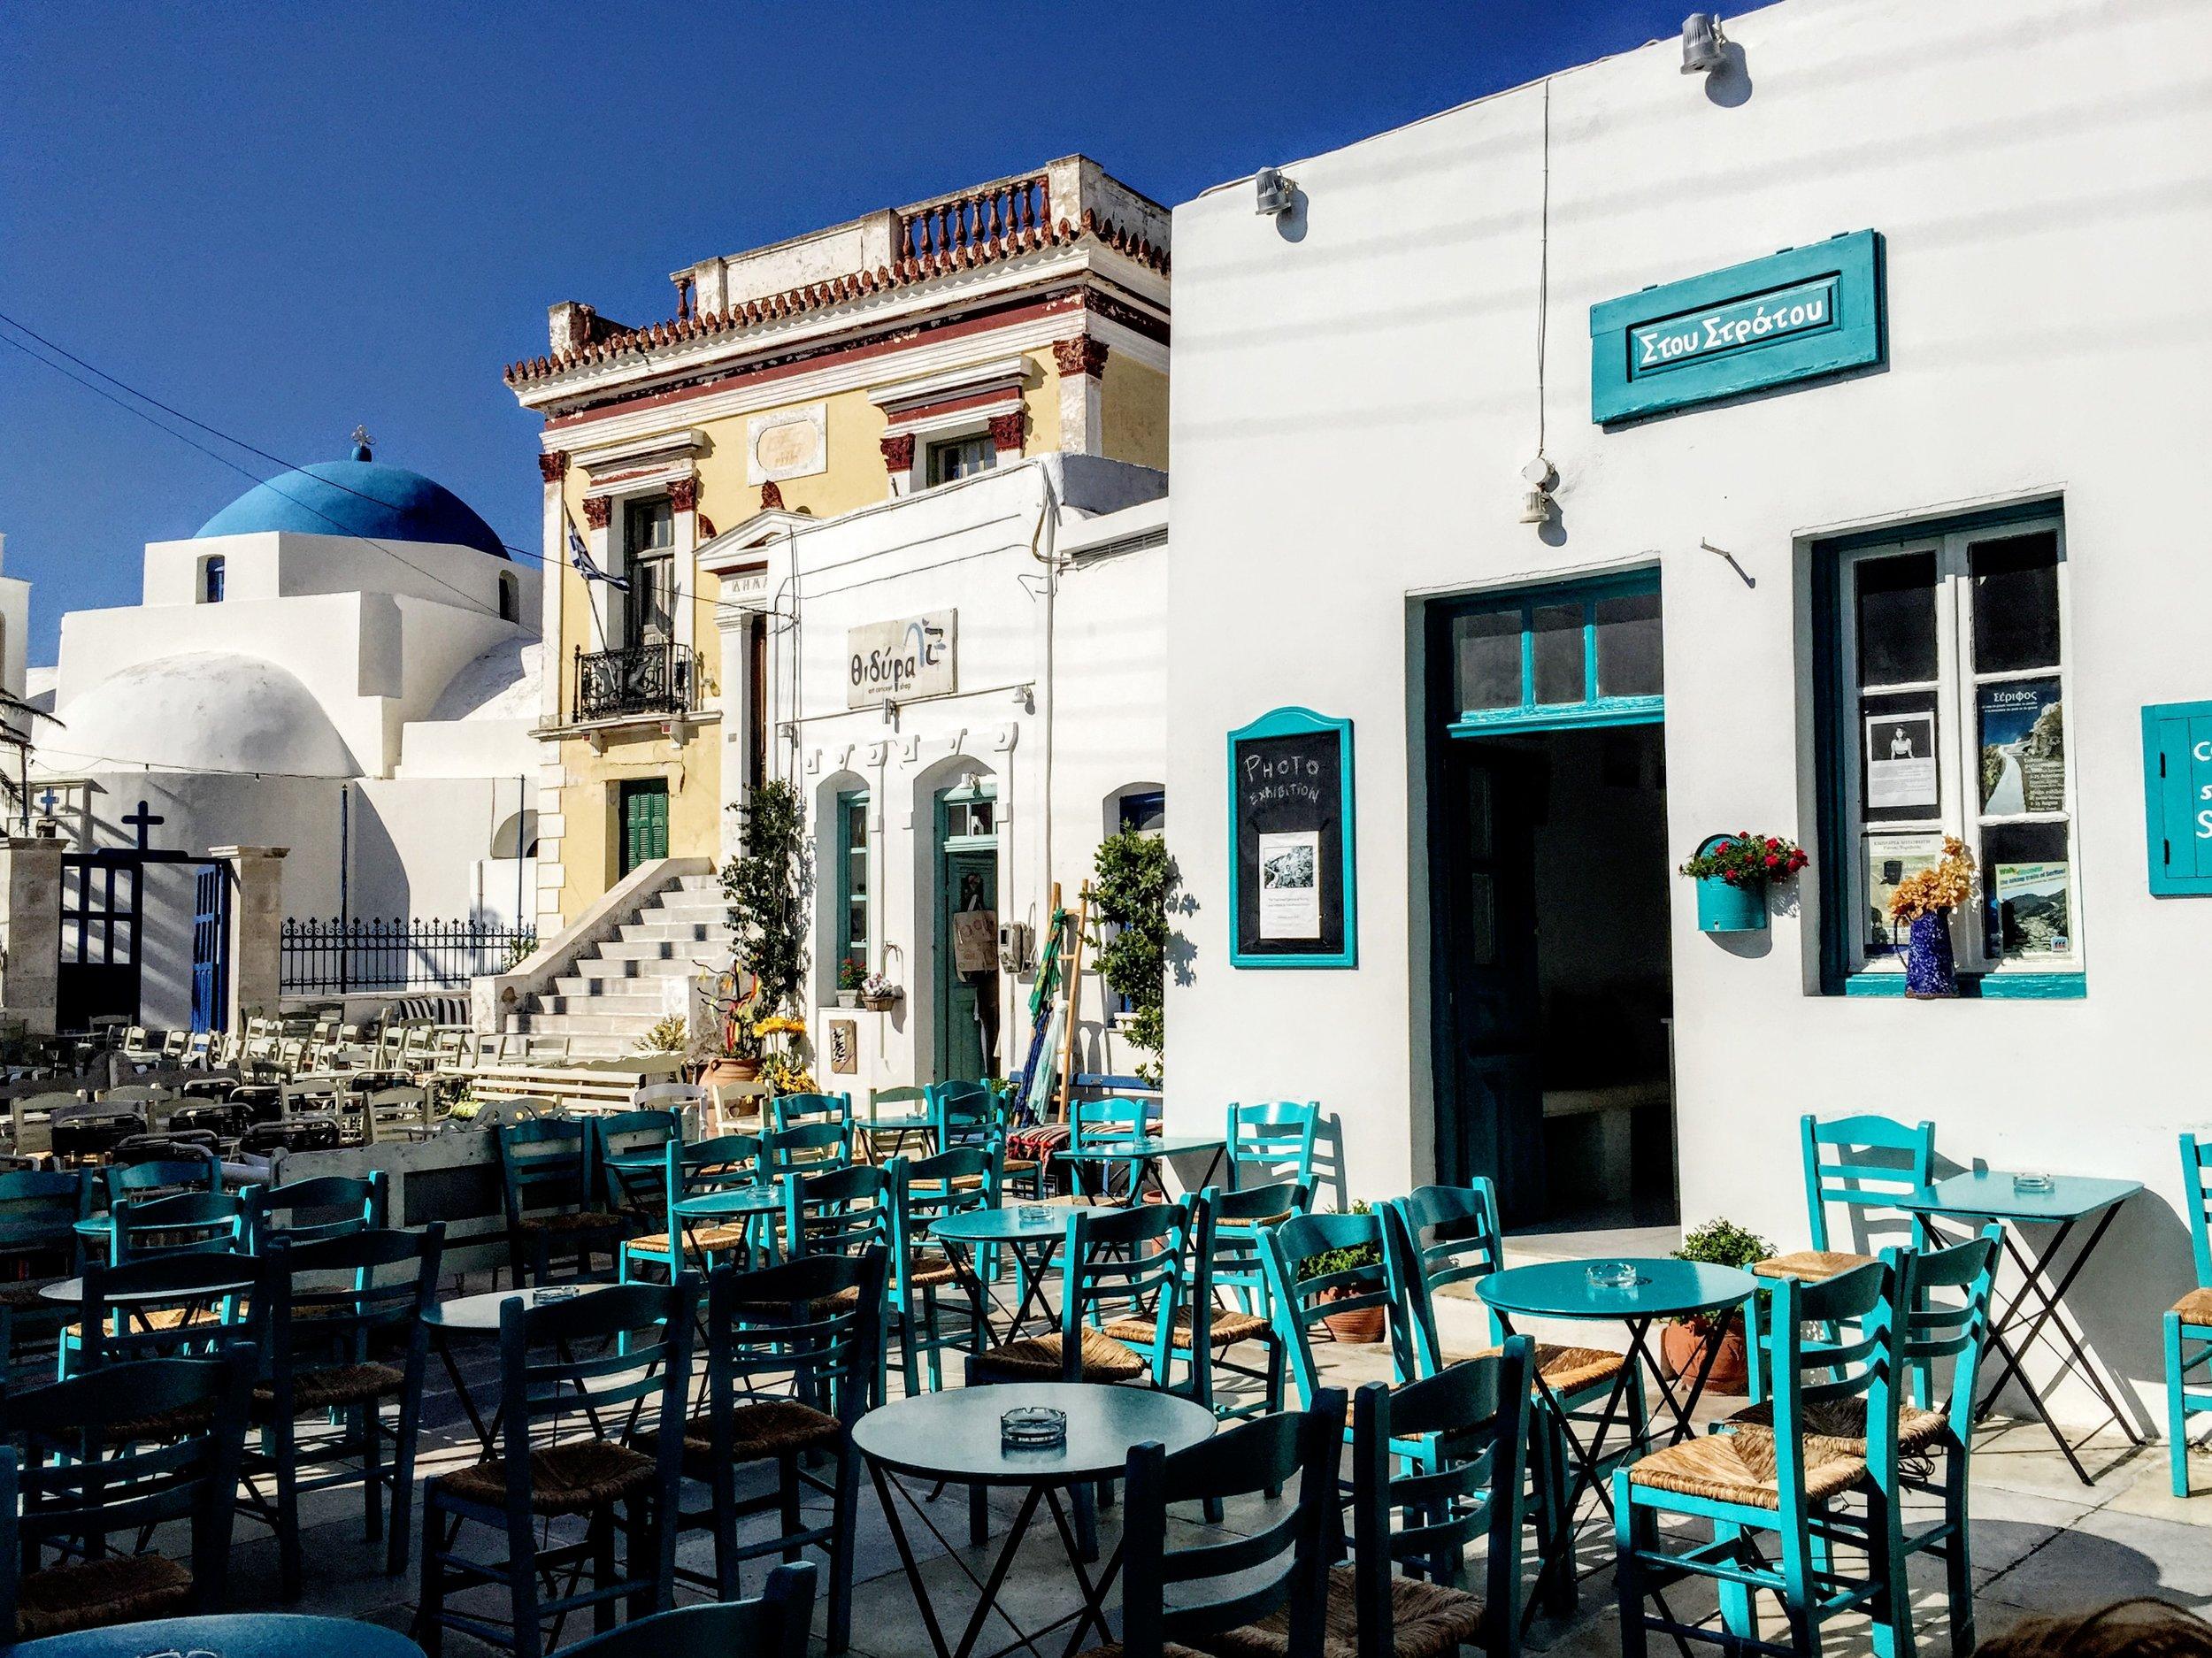 Serifos: the iconic Greek island café at Stou Stratou